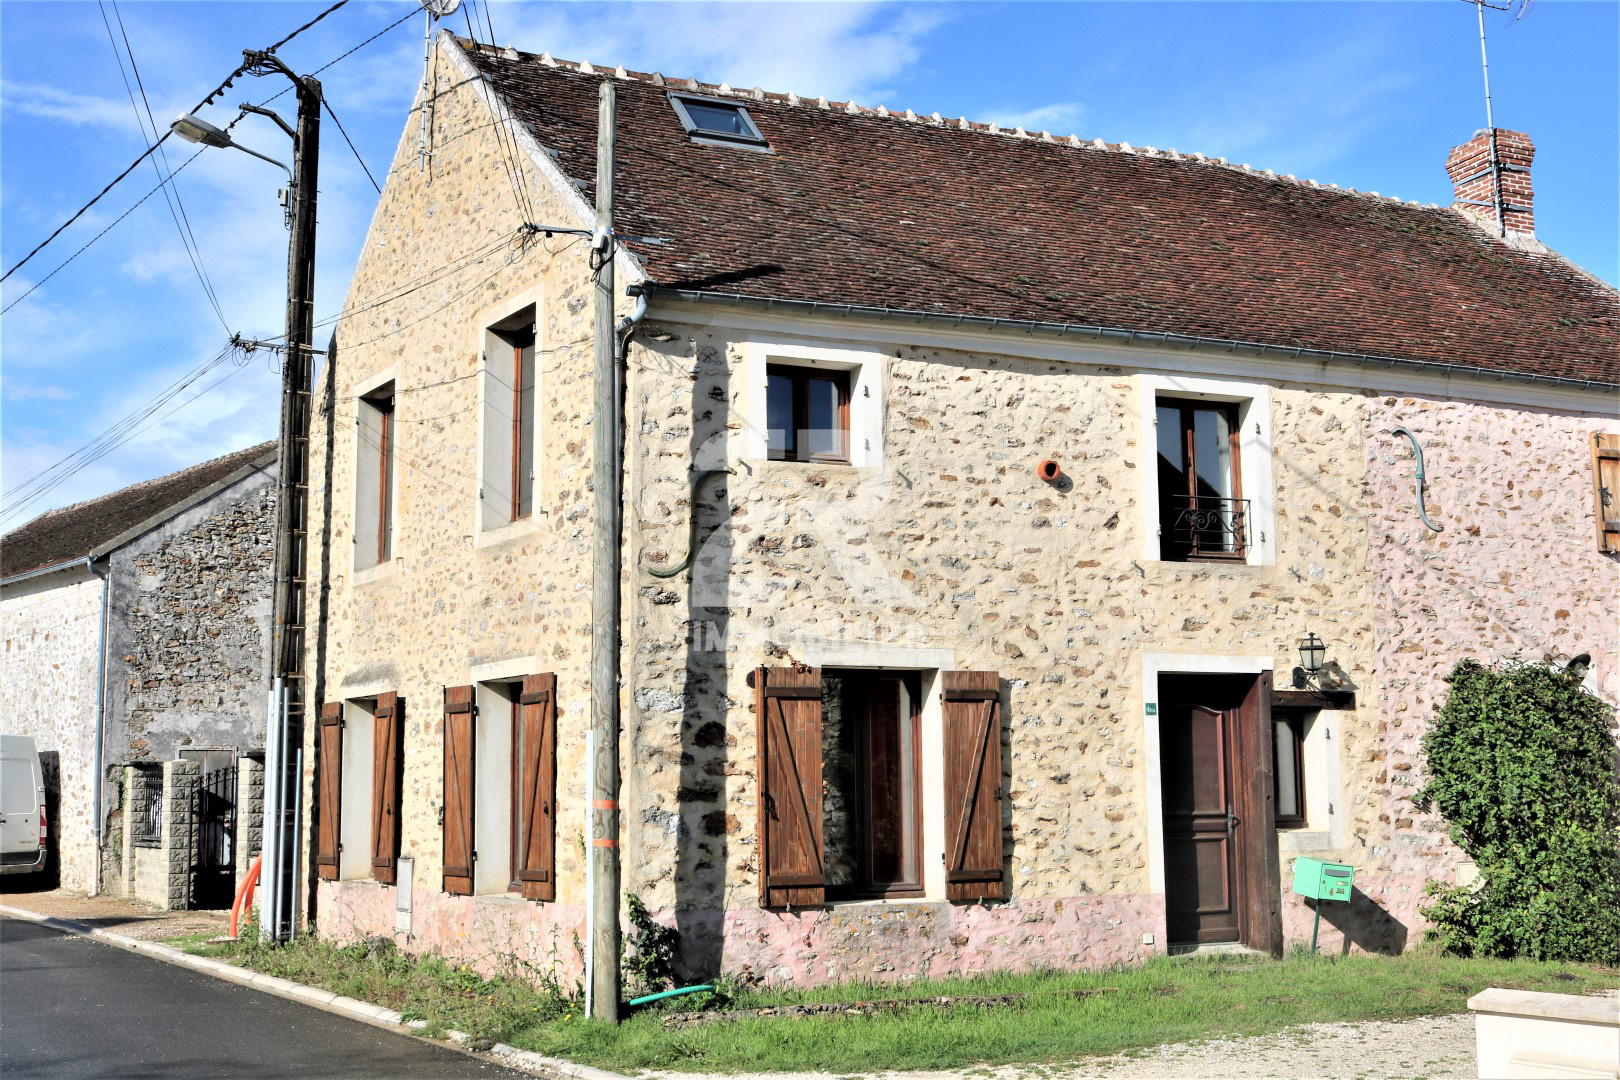 2r immobilier lagny sur marne et environs for Agence immobiliere bordeaux saint augustin